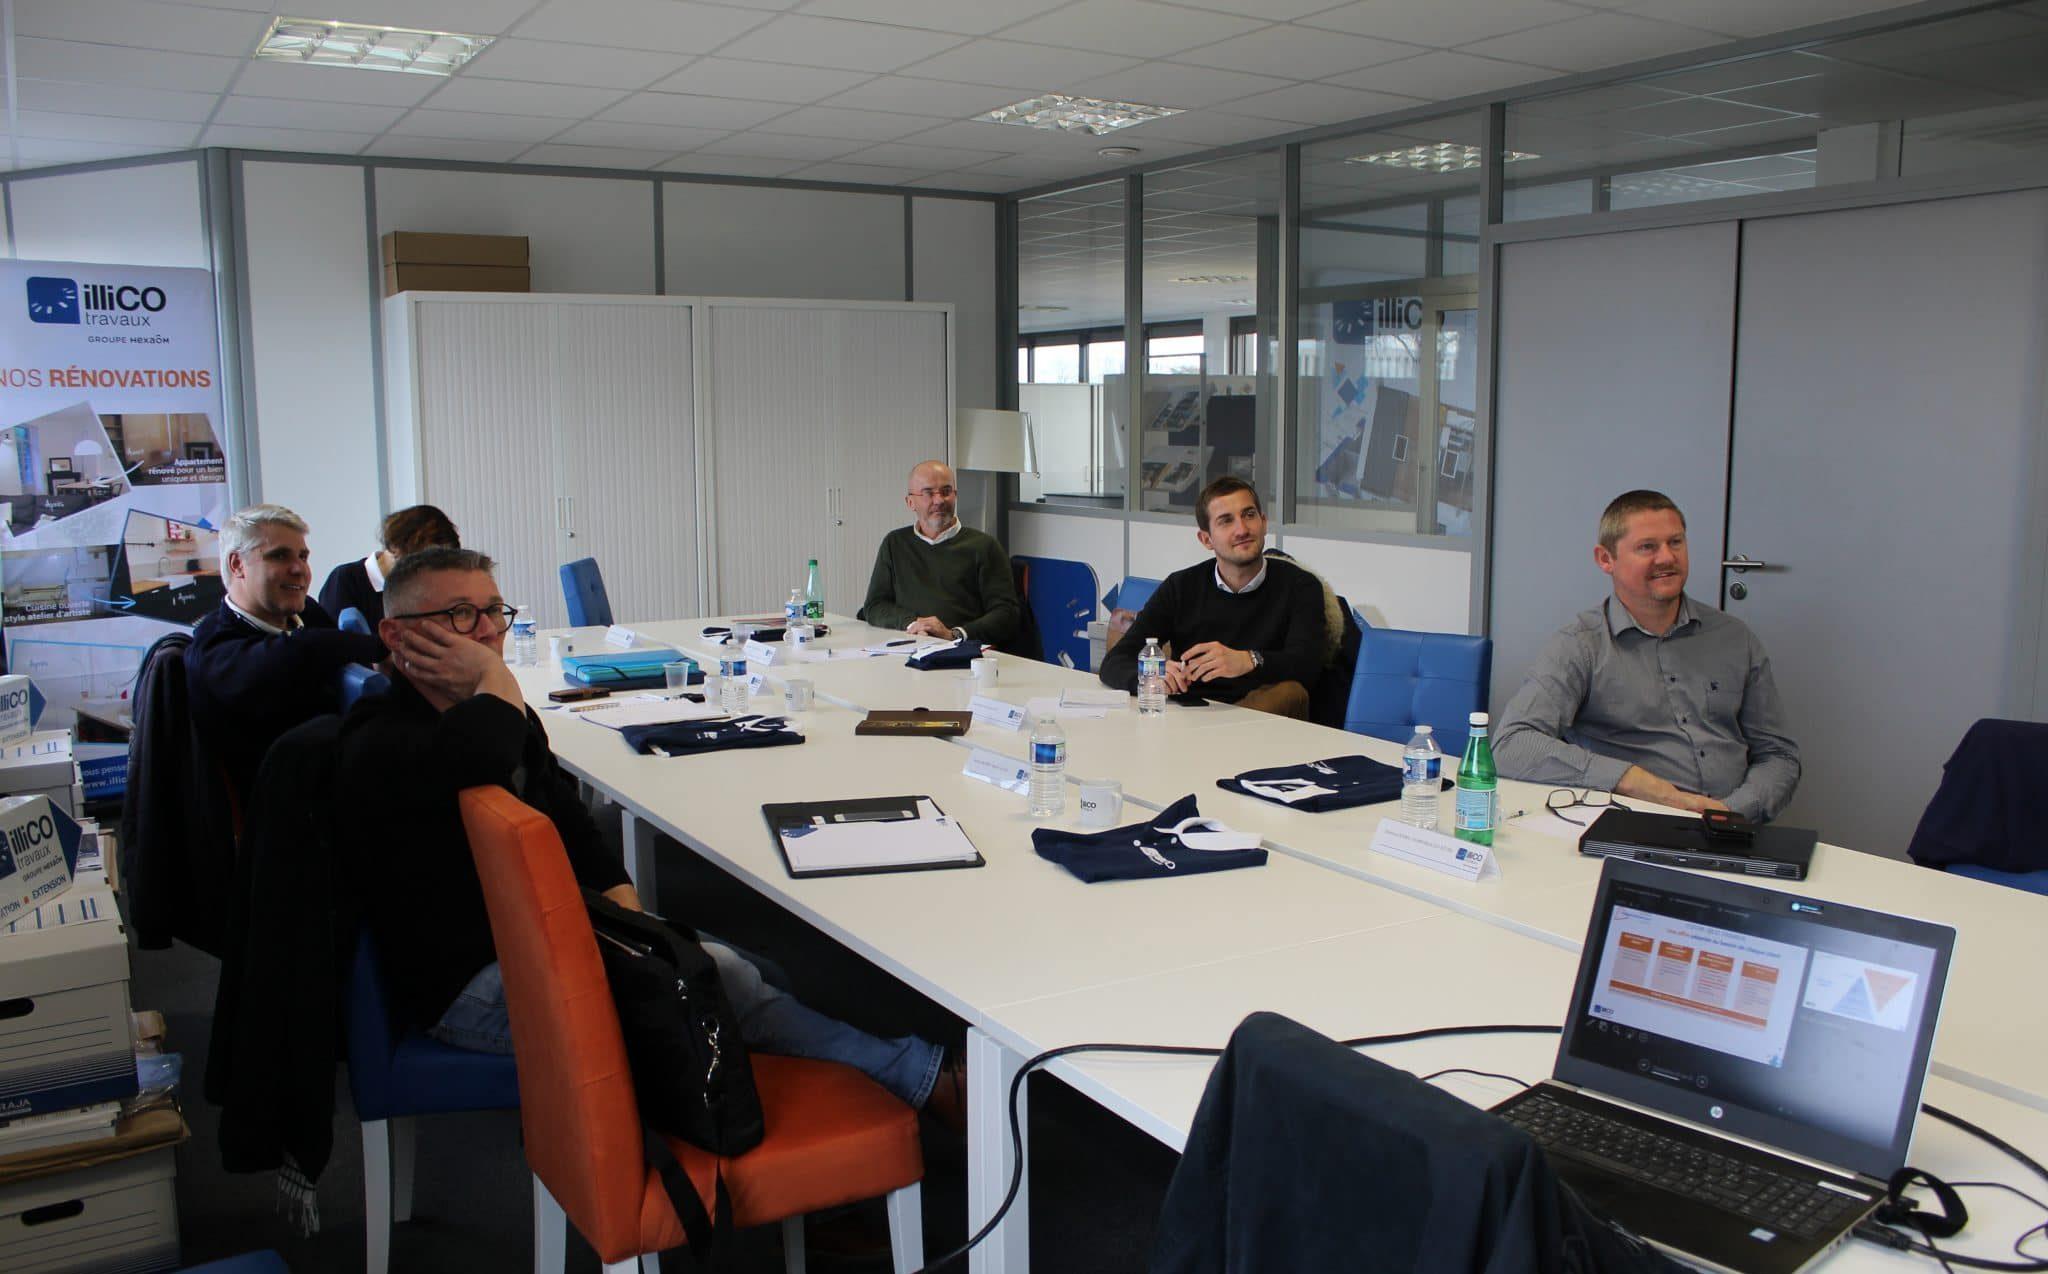 Faites connaissance avec nos ambassadeurs : Fabien, Jean, Jean-Marie, Nicolas et Stéphane